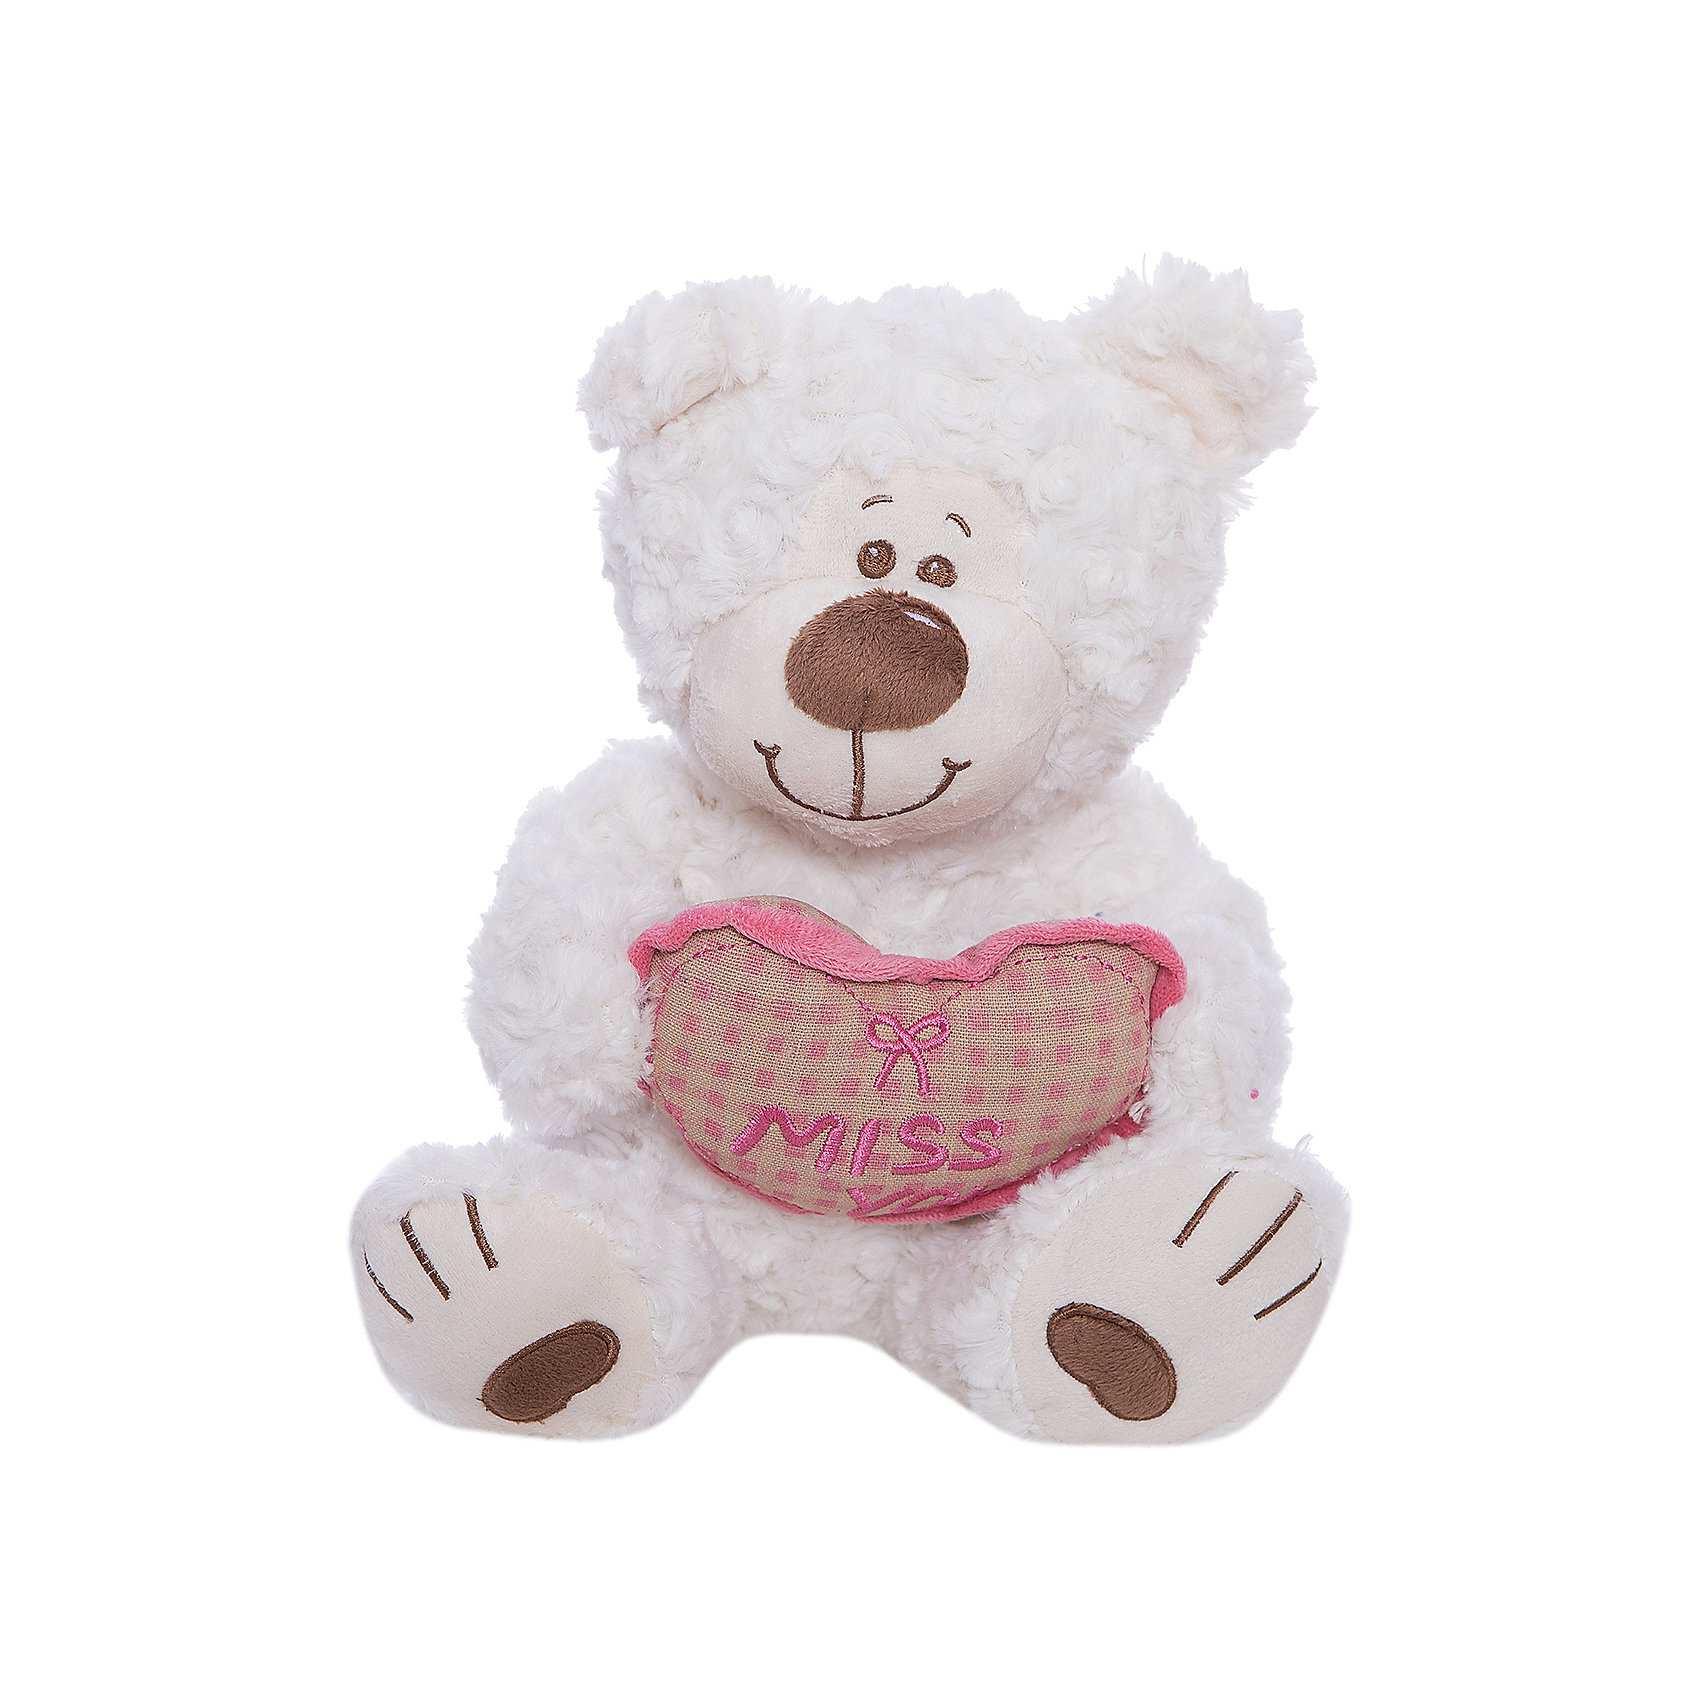 Мишка Митя с сердцем, белый, 28 см, Fluffy FamilyМедвежата<br>Мягкие игрушки – фавориты среди девчачьих игрушек. Приятный материал и милая форма игрушки понравится всем девочкам, любящим игрушечных пушистиков. Медвежонок – классический вариант для подарка, когда хочется показать свою нежность, испытываемую к получателю. Для самых маленьких медвежонок станет отличным компаньоном для сна в обнимку и настоящим другом, которому можно доверить все секреты. Материалы, использованные при изготовлении товара, абсолютно безопасны и отвечают всем международным требованиям по качеству.<br><br>Дополнительные характеристики:<br><br>материал: искусственный мех;<br>цвет: белый;<br>габариты: 28 см.<br><br>Мишку «Митя с сердцем» от компании Fluffy Family можно приобрести в нашем магазине.<br><br>Ширина мм: 650<br>Глубина мм: 580<br>Высота мм: 450<br>Вес г: 217<br>Возраст от месяцев: 36<br>Возраст до месяцев: 96<br>Пол: Унисекс<br>Возраст: Детский<br>SKU: 5032477